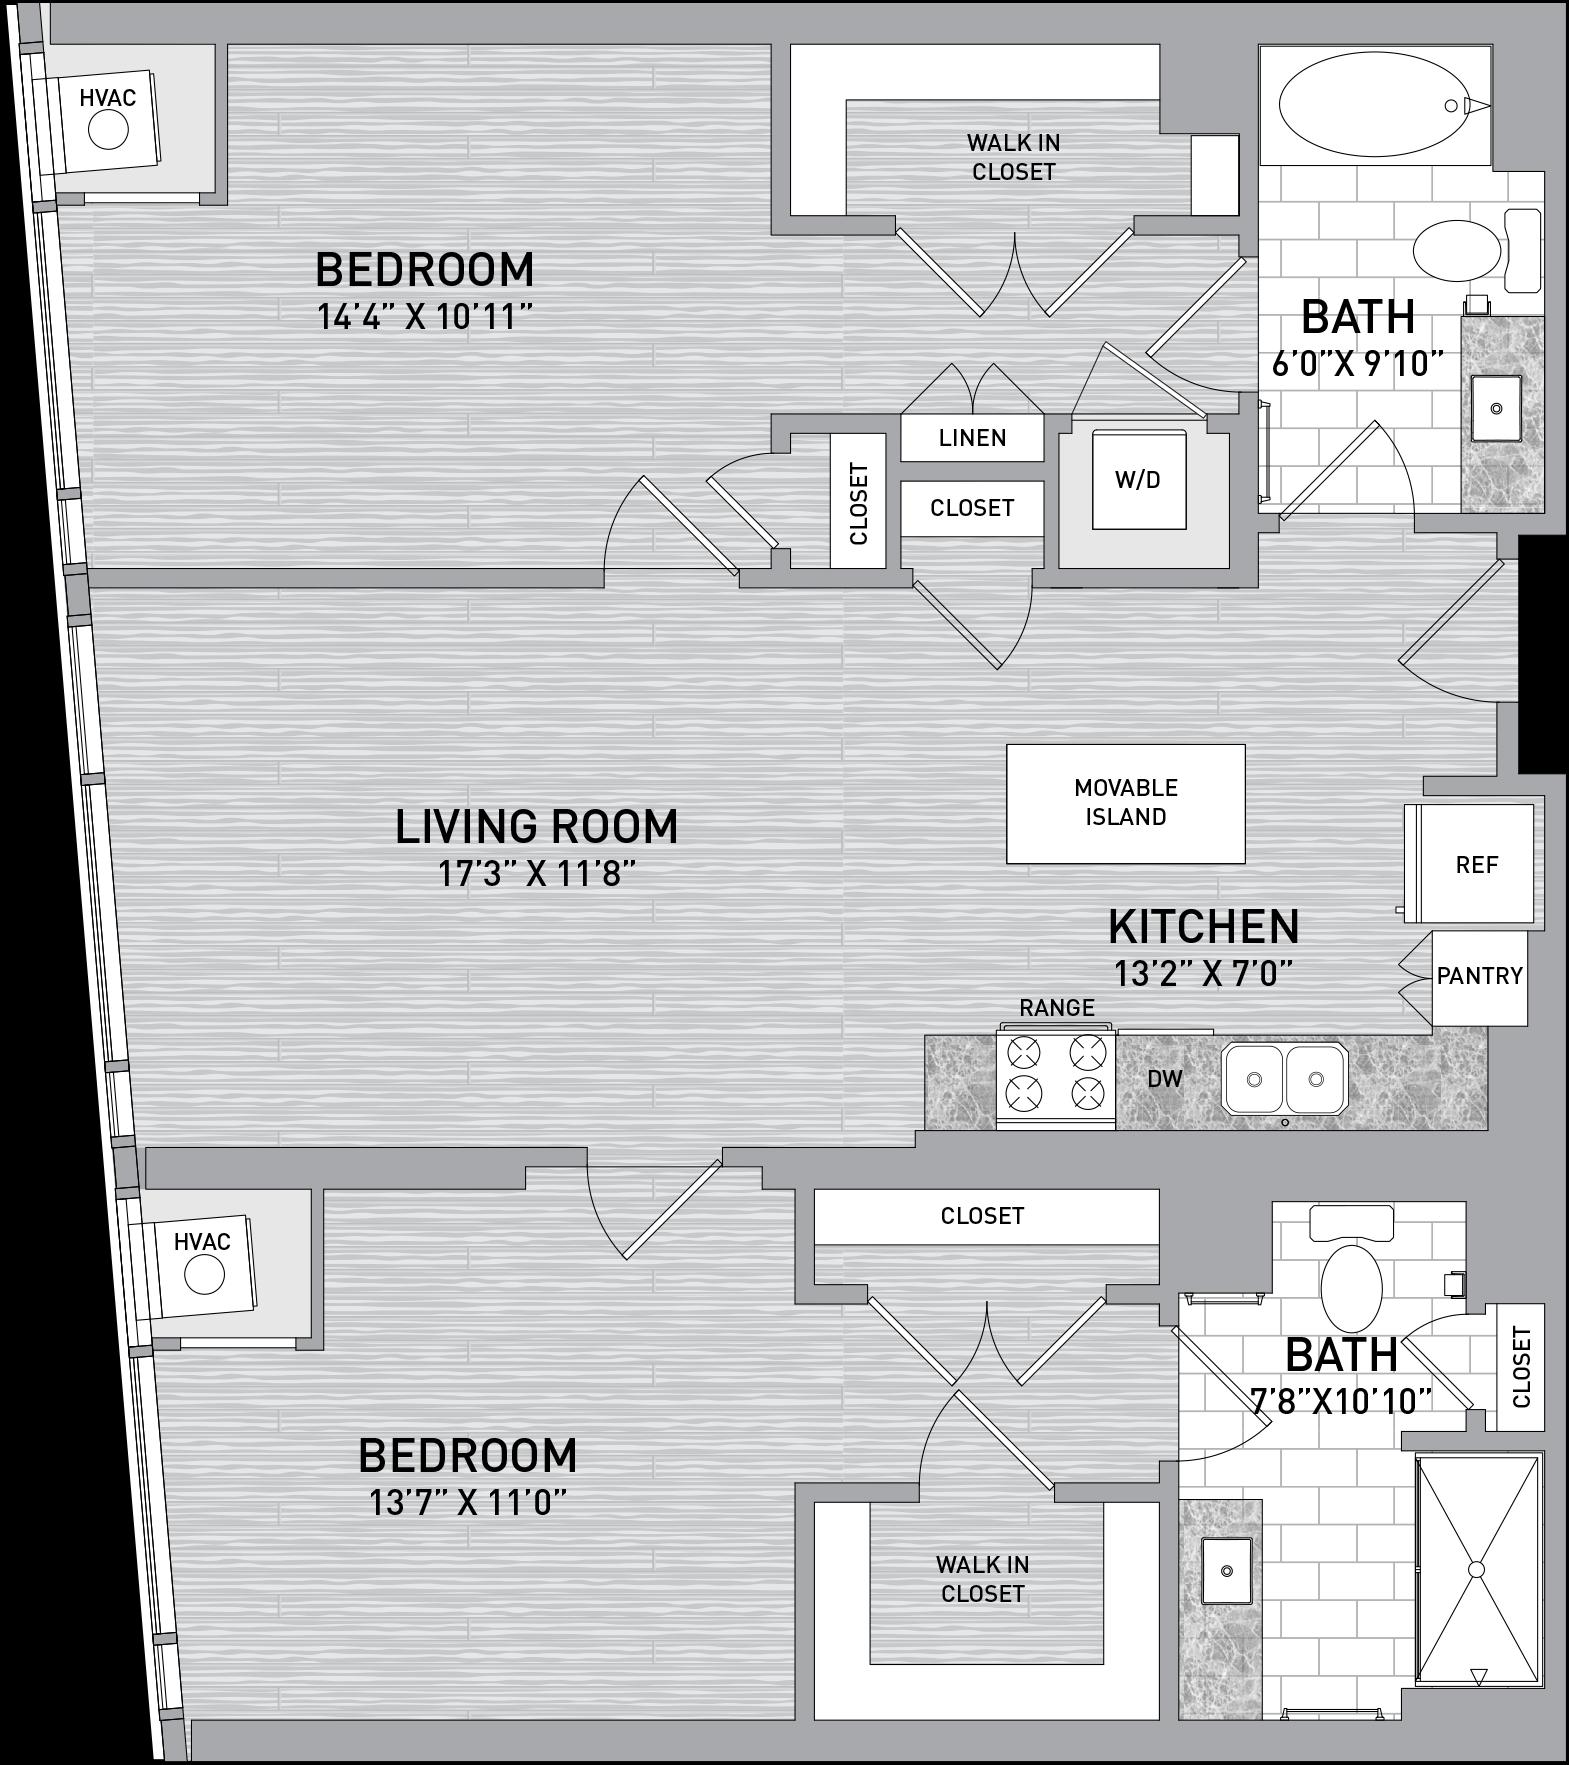 floorplan image of unit id 322